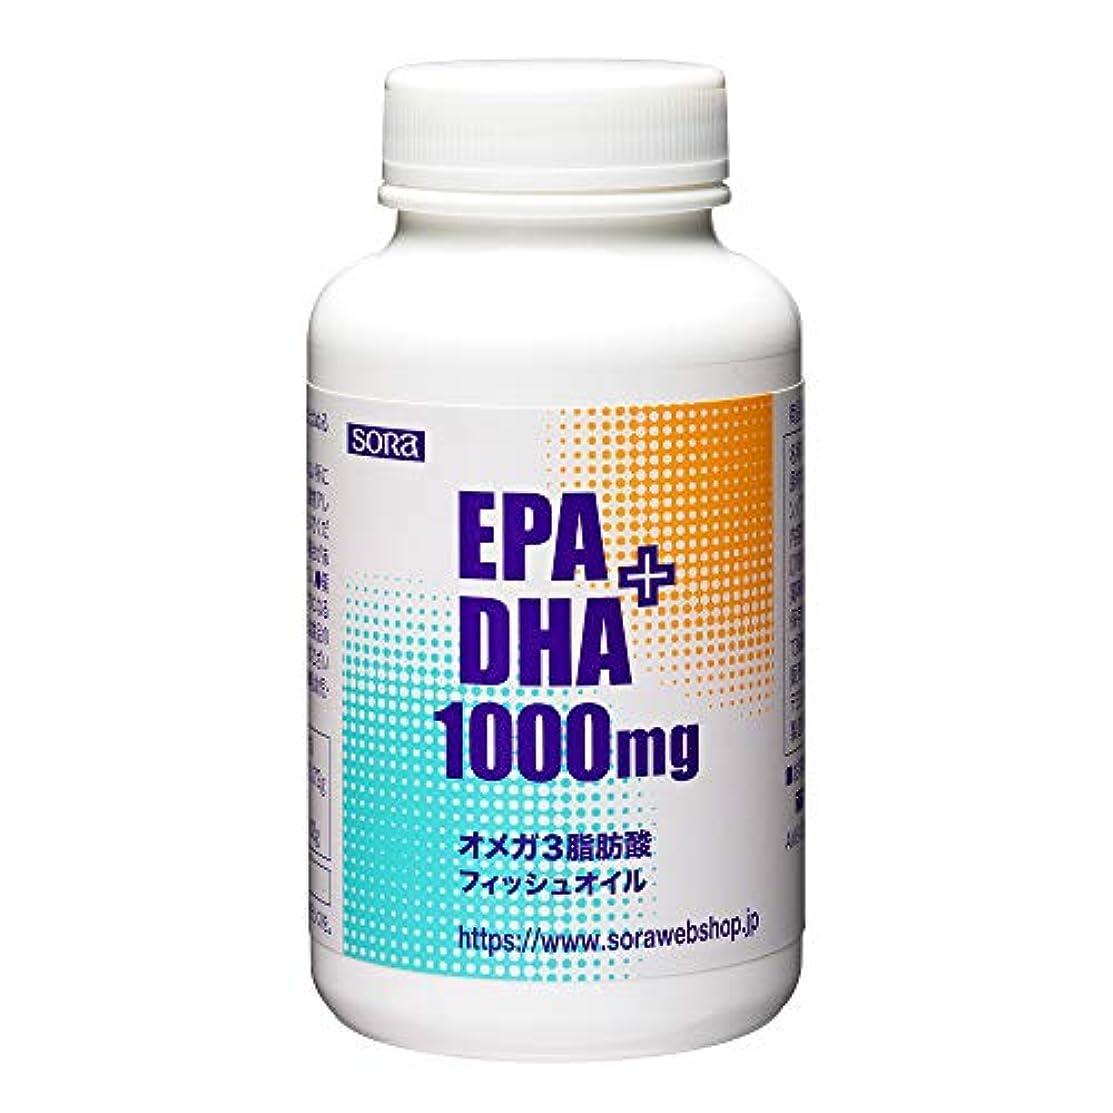 植生透明に今日そら EPA+DHA 1000mg (魚のオイル オメガ3 180粒入)